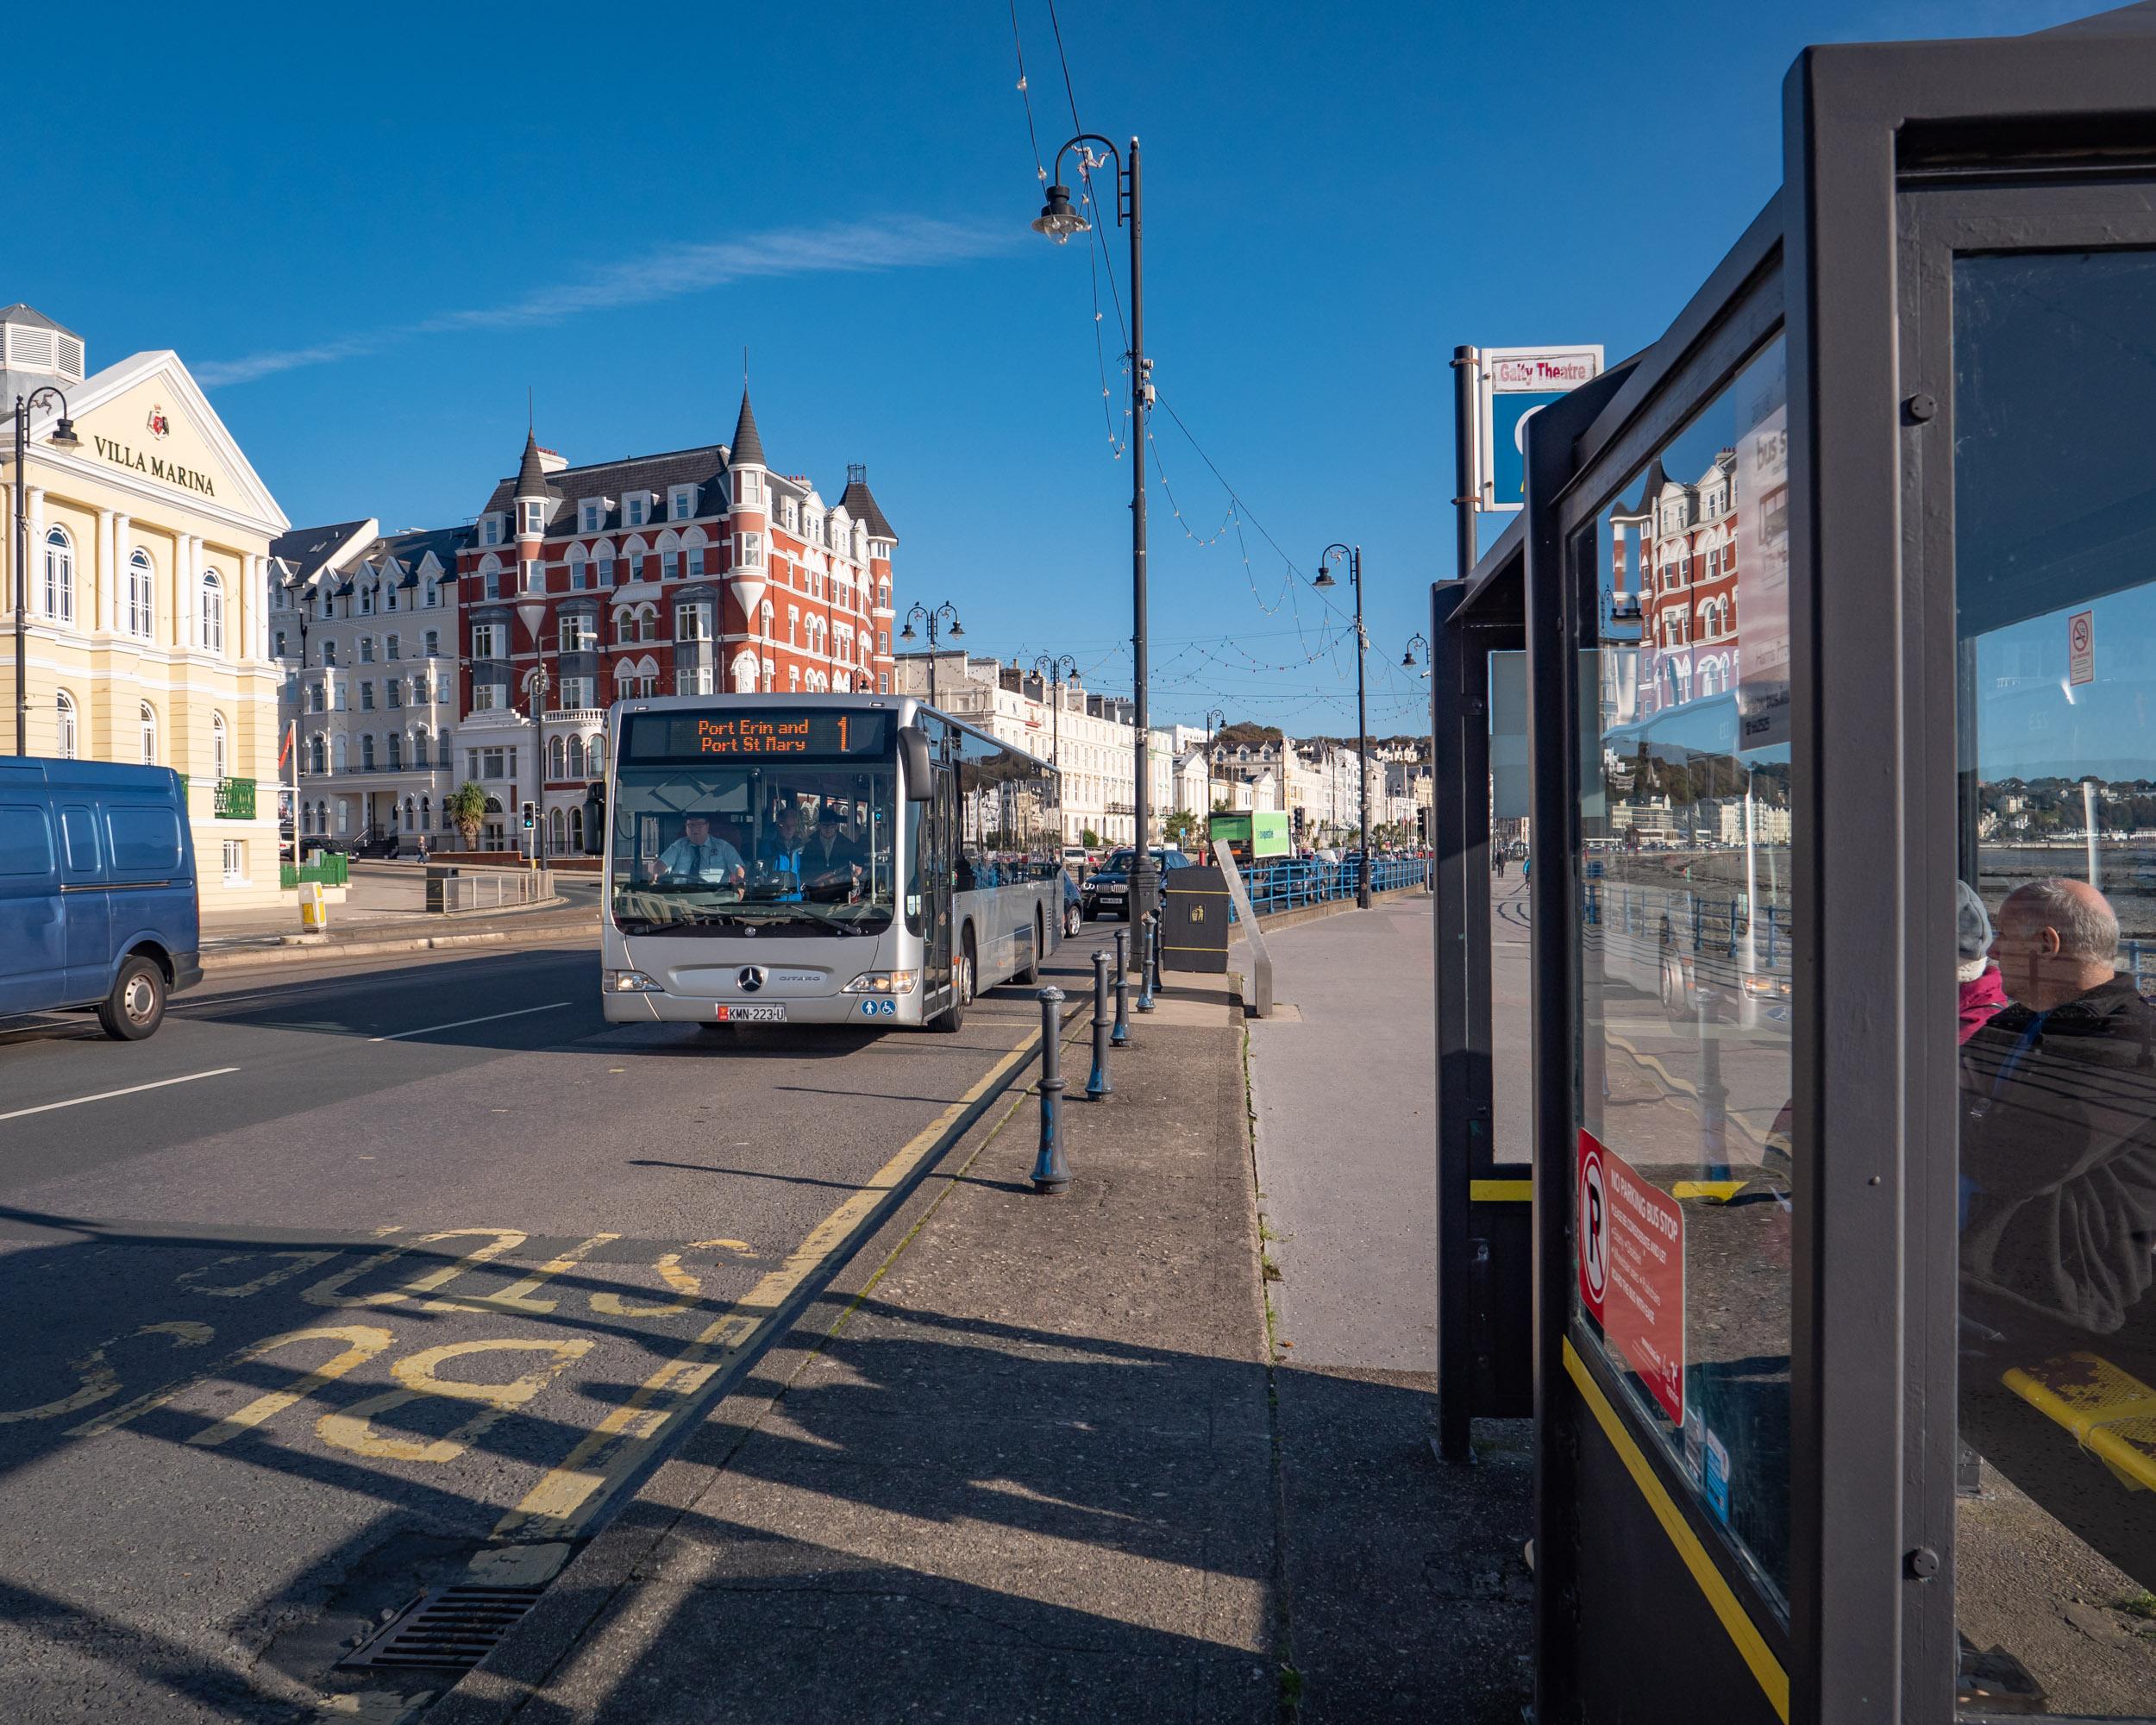 ヴィラ・マリア前バス亭に到着間近の1系統ポート・エリン行きのバス DMC-GX8 + LEICA DG 12-60mm